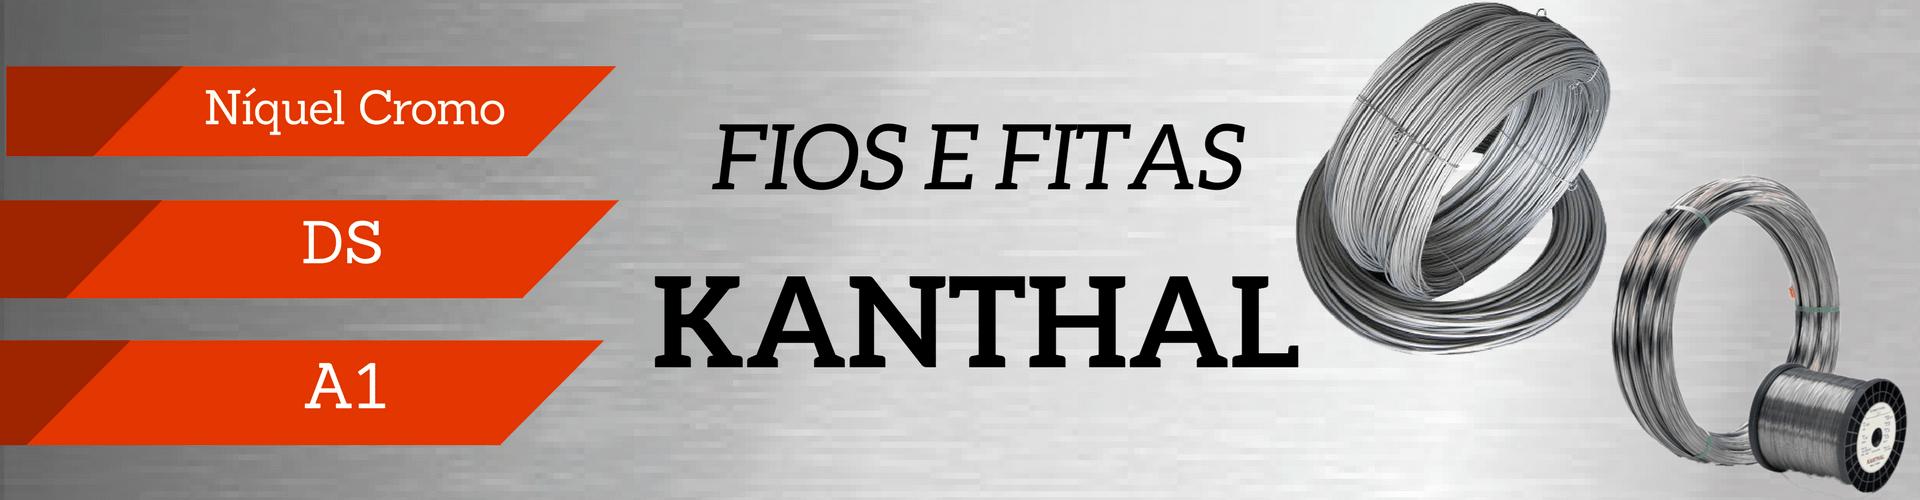 Fios e Fitas Kanthal